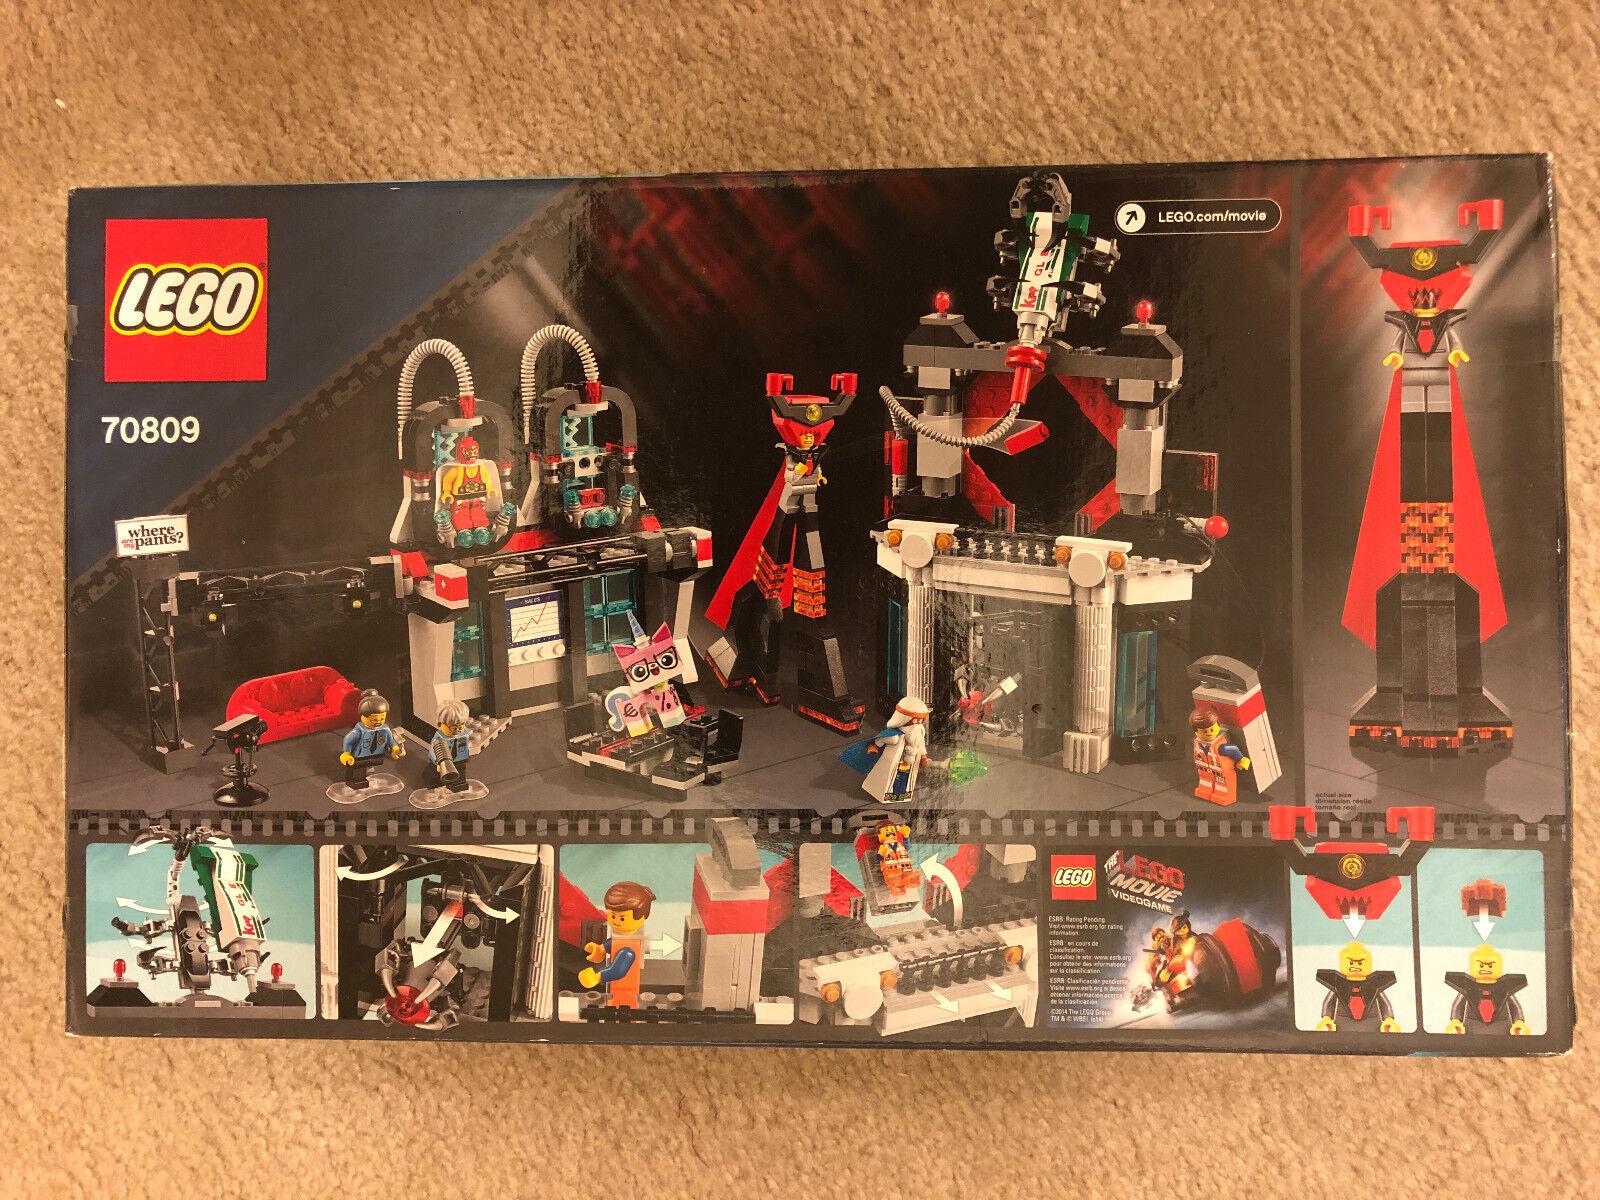 Lego 70809 Lord Business de la película Lego's Evil guarida NISB